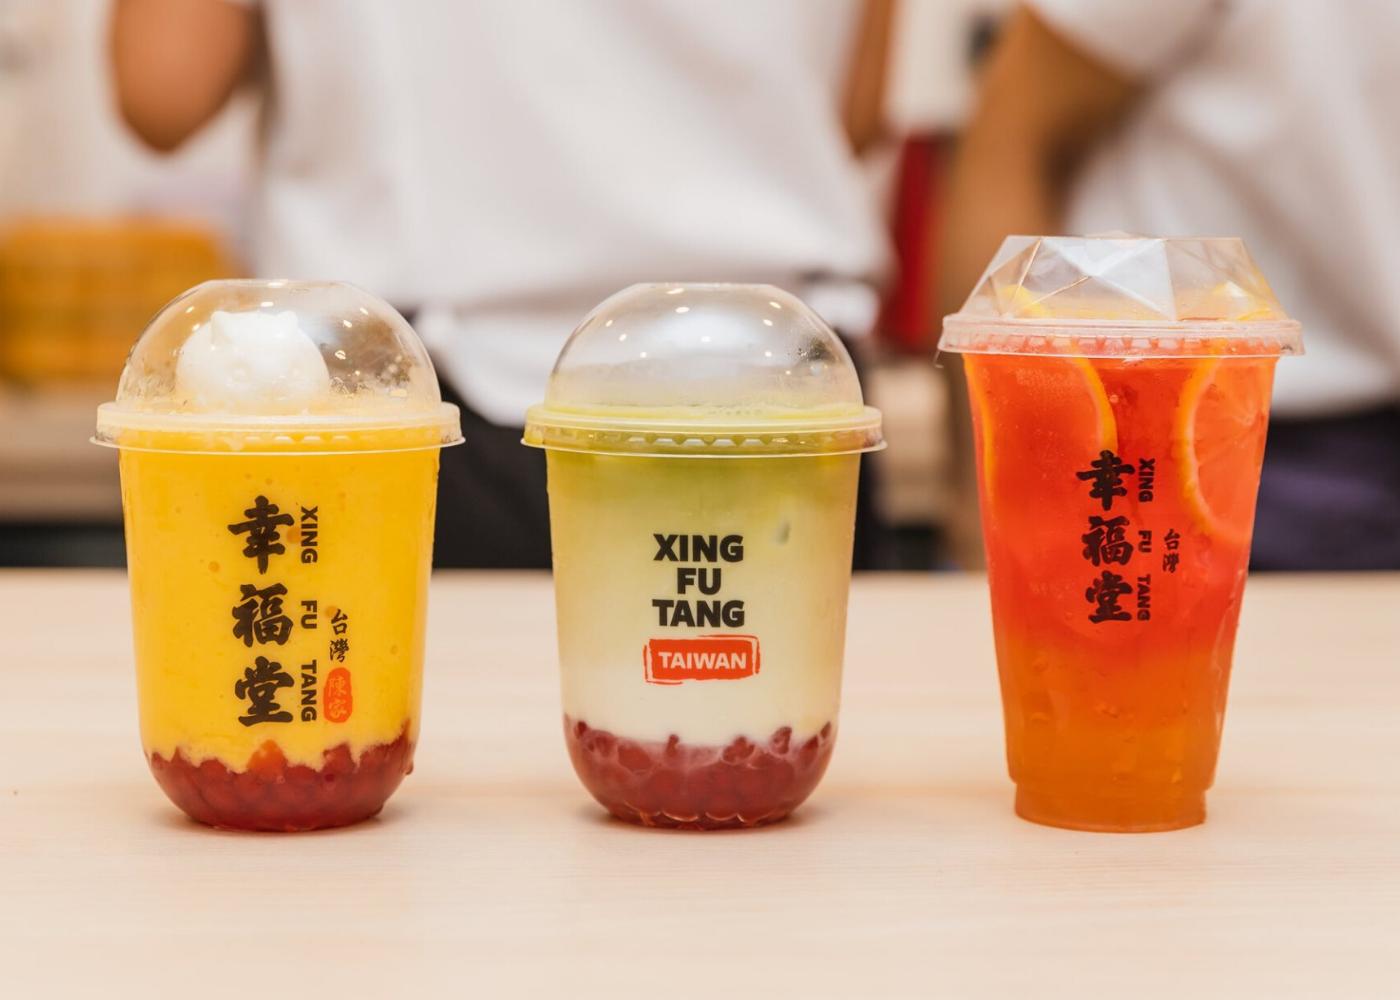 xing fu tang bubble tea